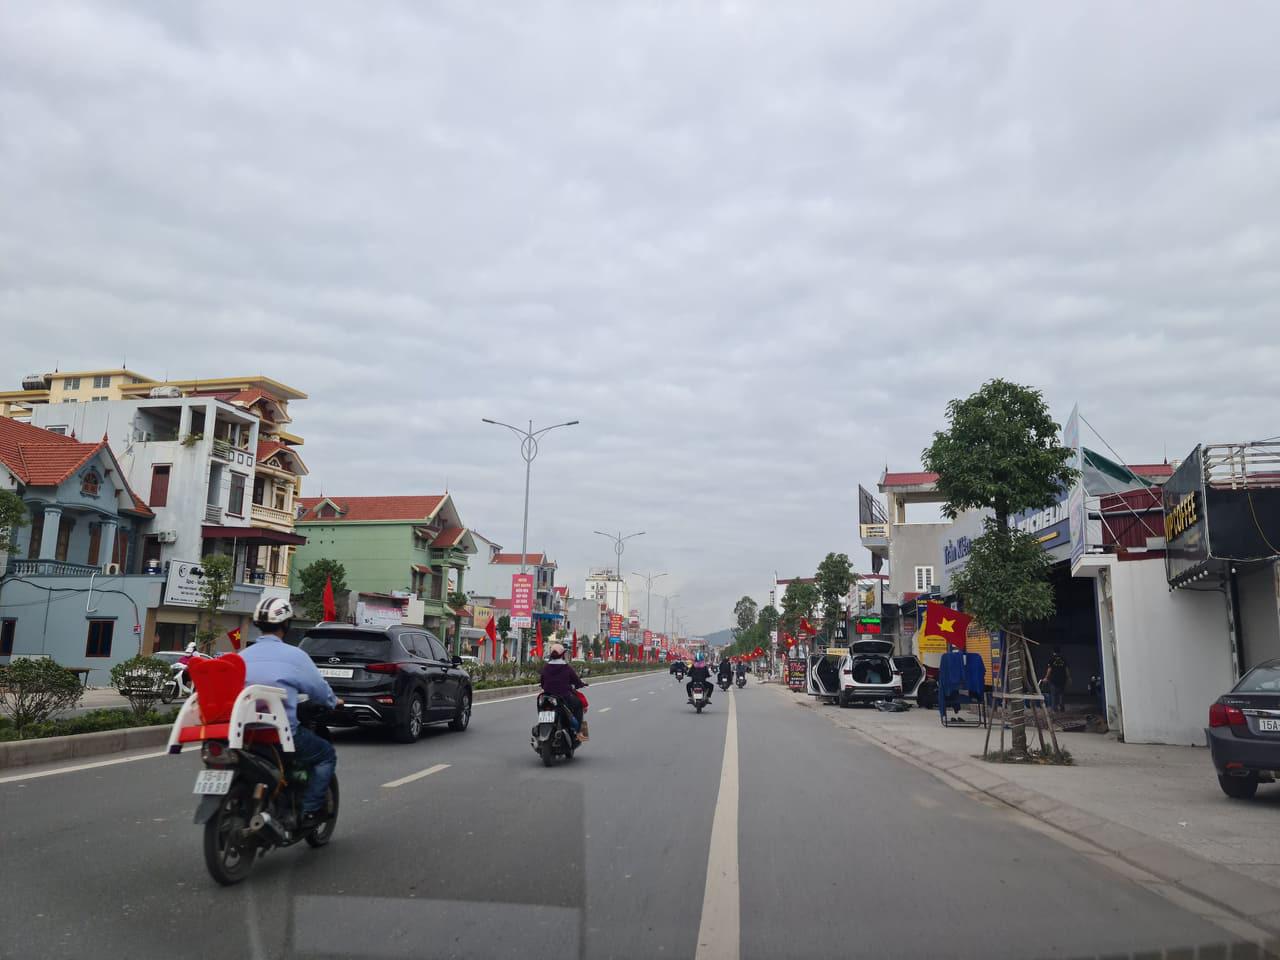 Hải Phòng: Huyện Thủy Nguyên sắp lên phố người dân phấn khởi, giá đất tăng vọt - Ảnh 5.